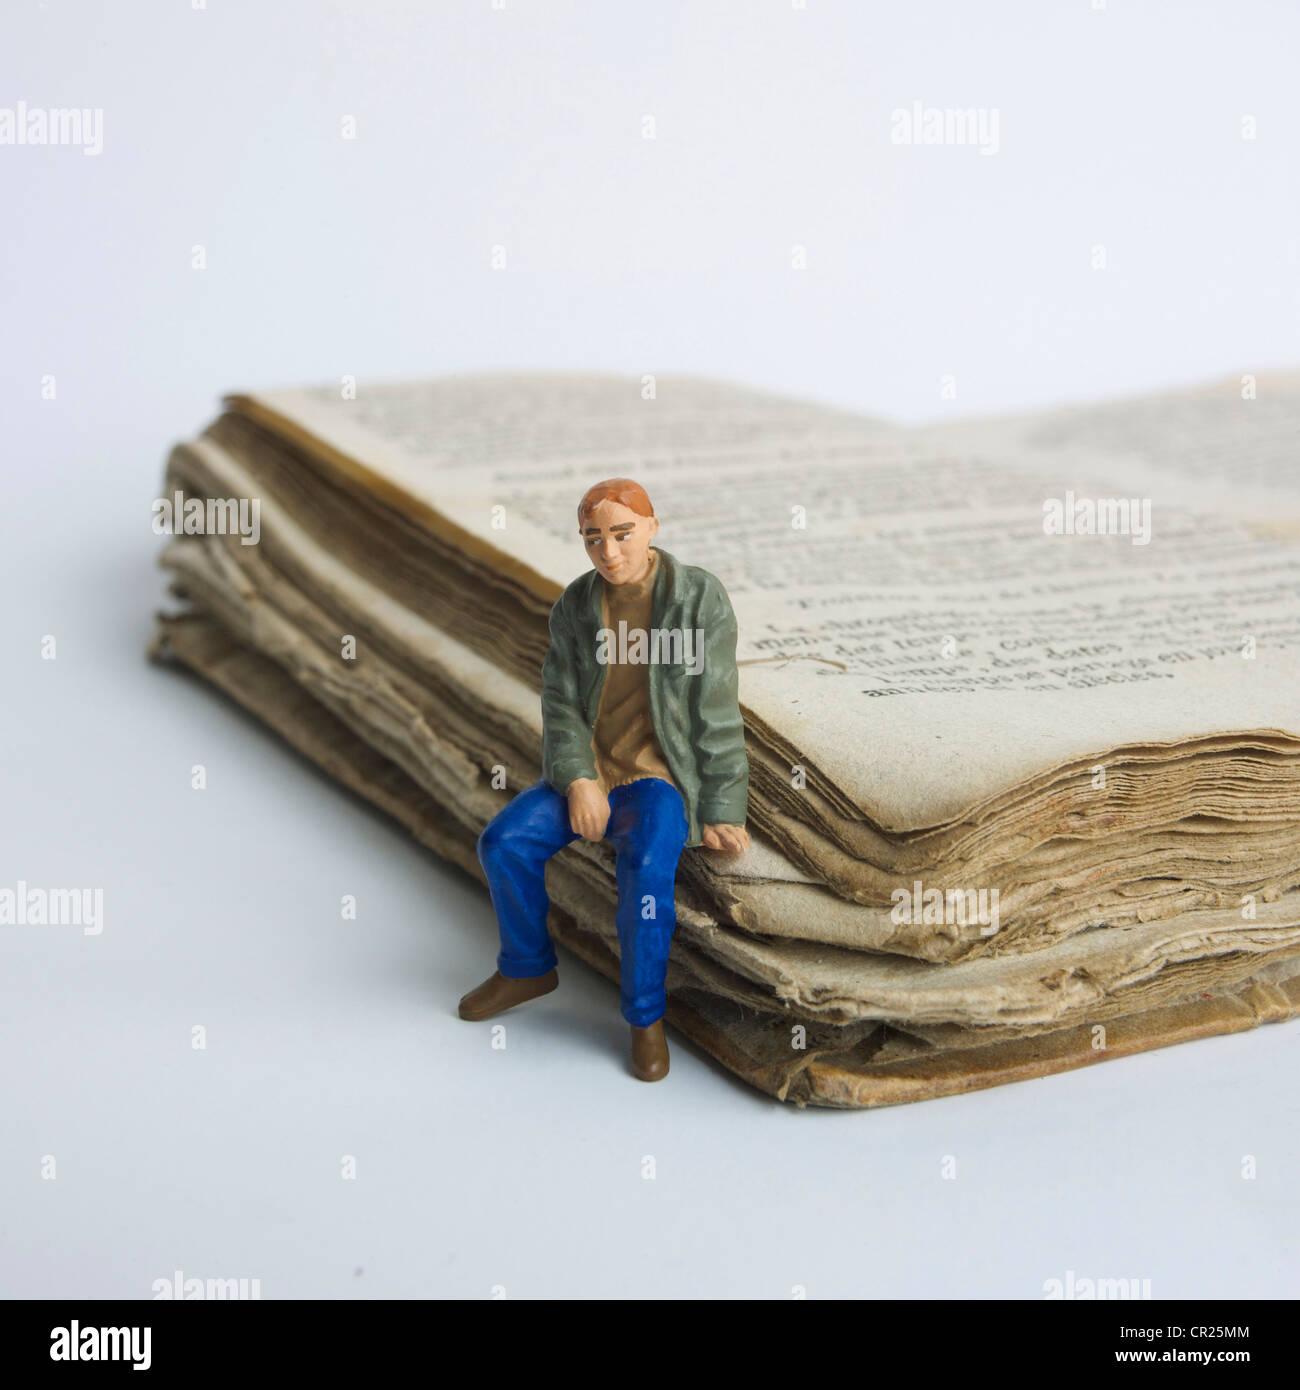 Jeune homme / étudiant figurine miniature, assis sur un vieux livre - université / enseignement / apprentissage Photo Stock